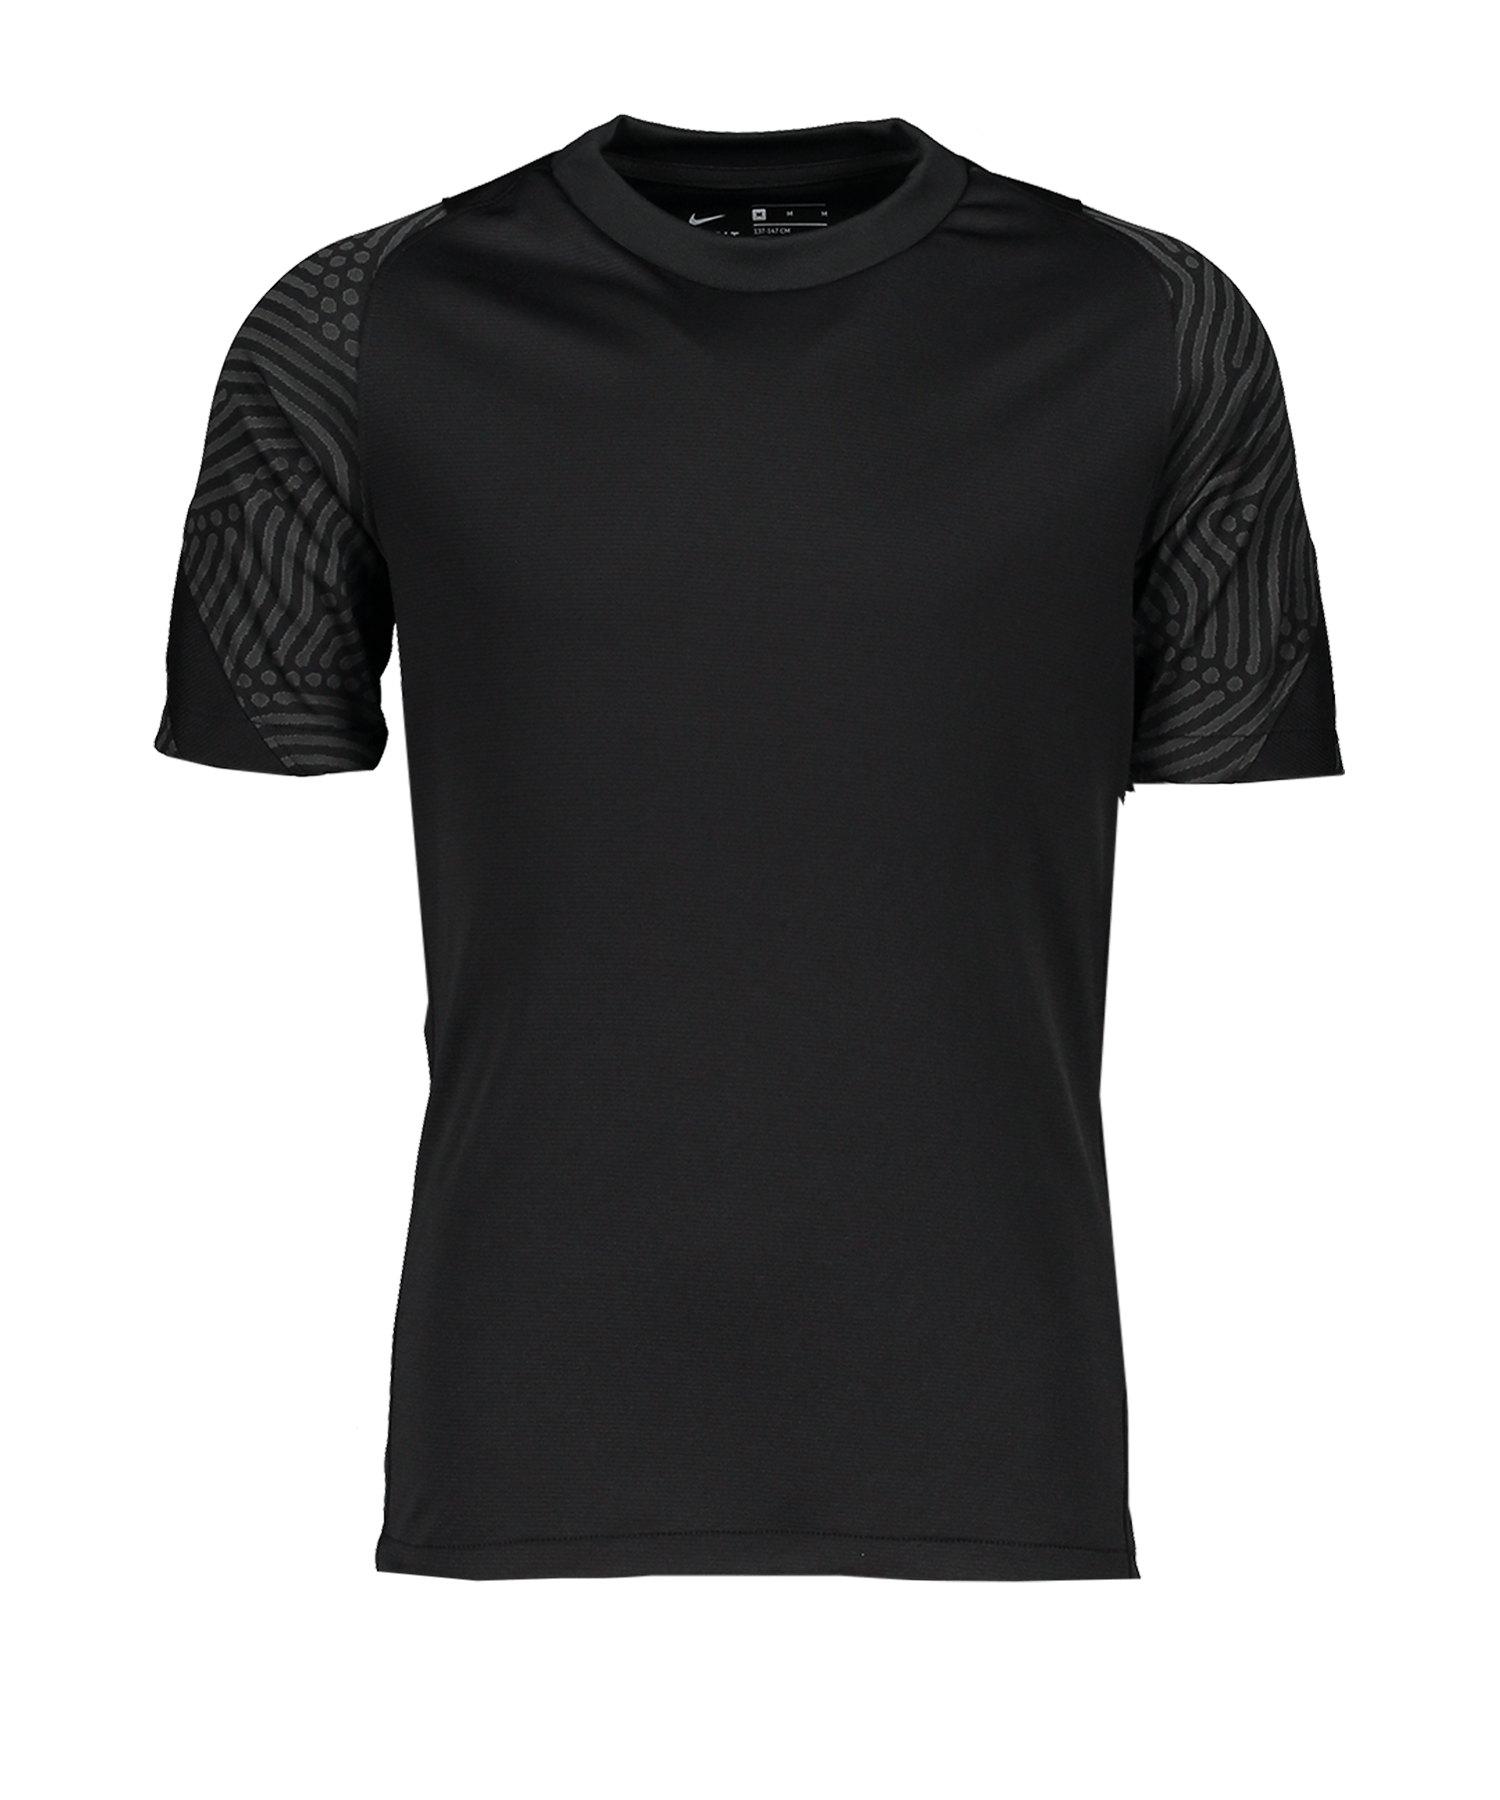 Nike Breathe Strike Top kurzarm Kids Schwarz F010 - schwarz